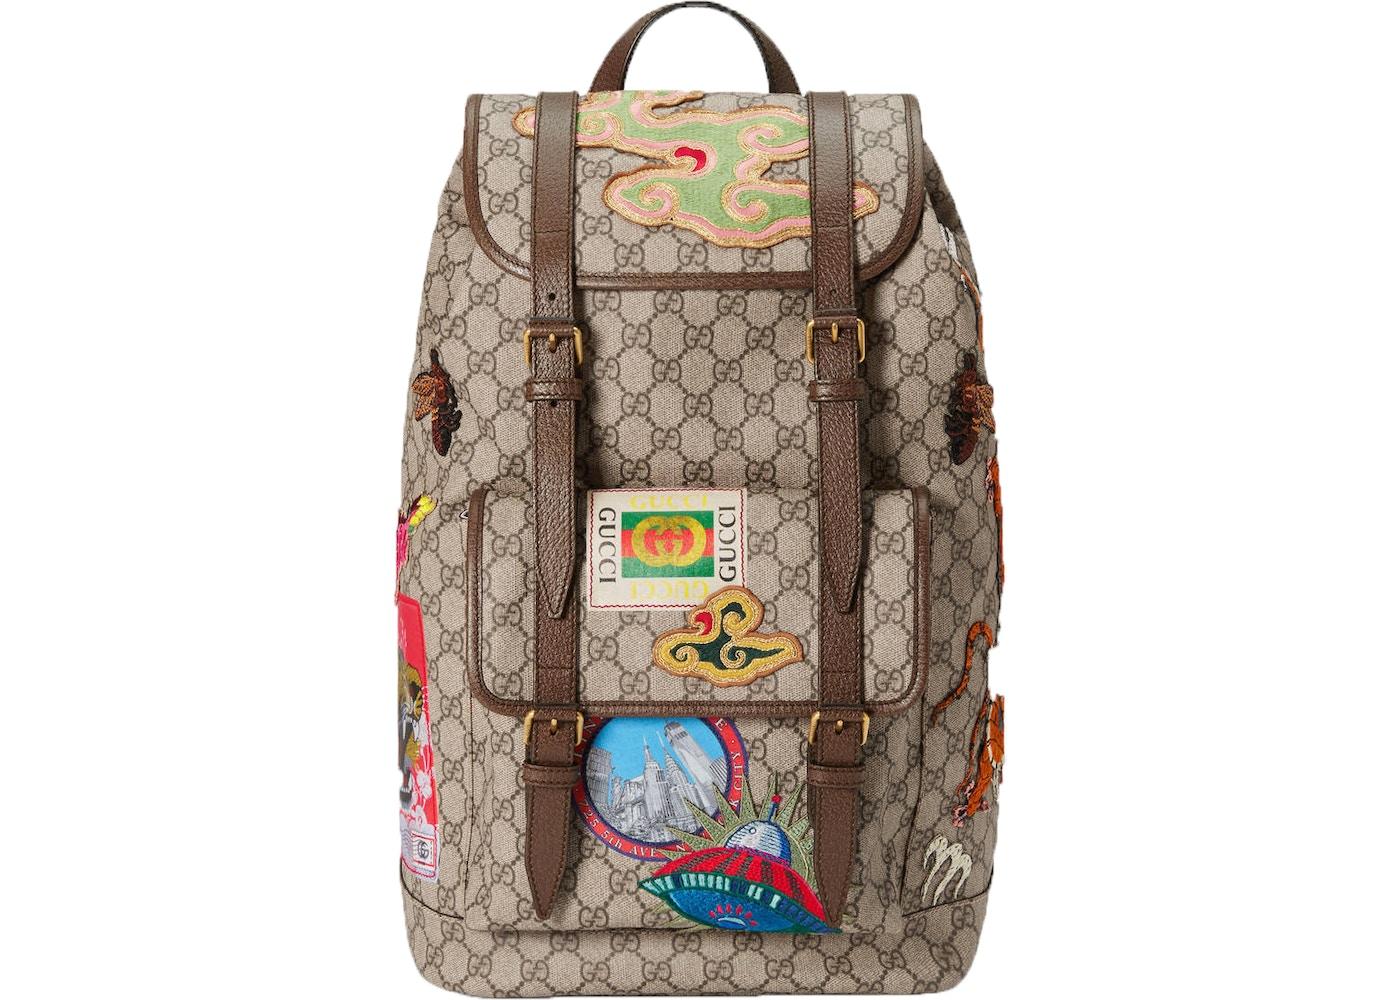 214d3e8303d Buy   Sell Gucci Handbags - Highest Bid